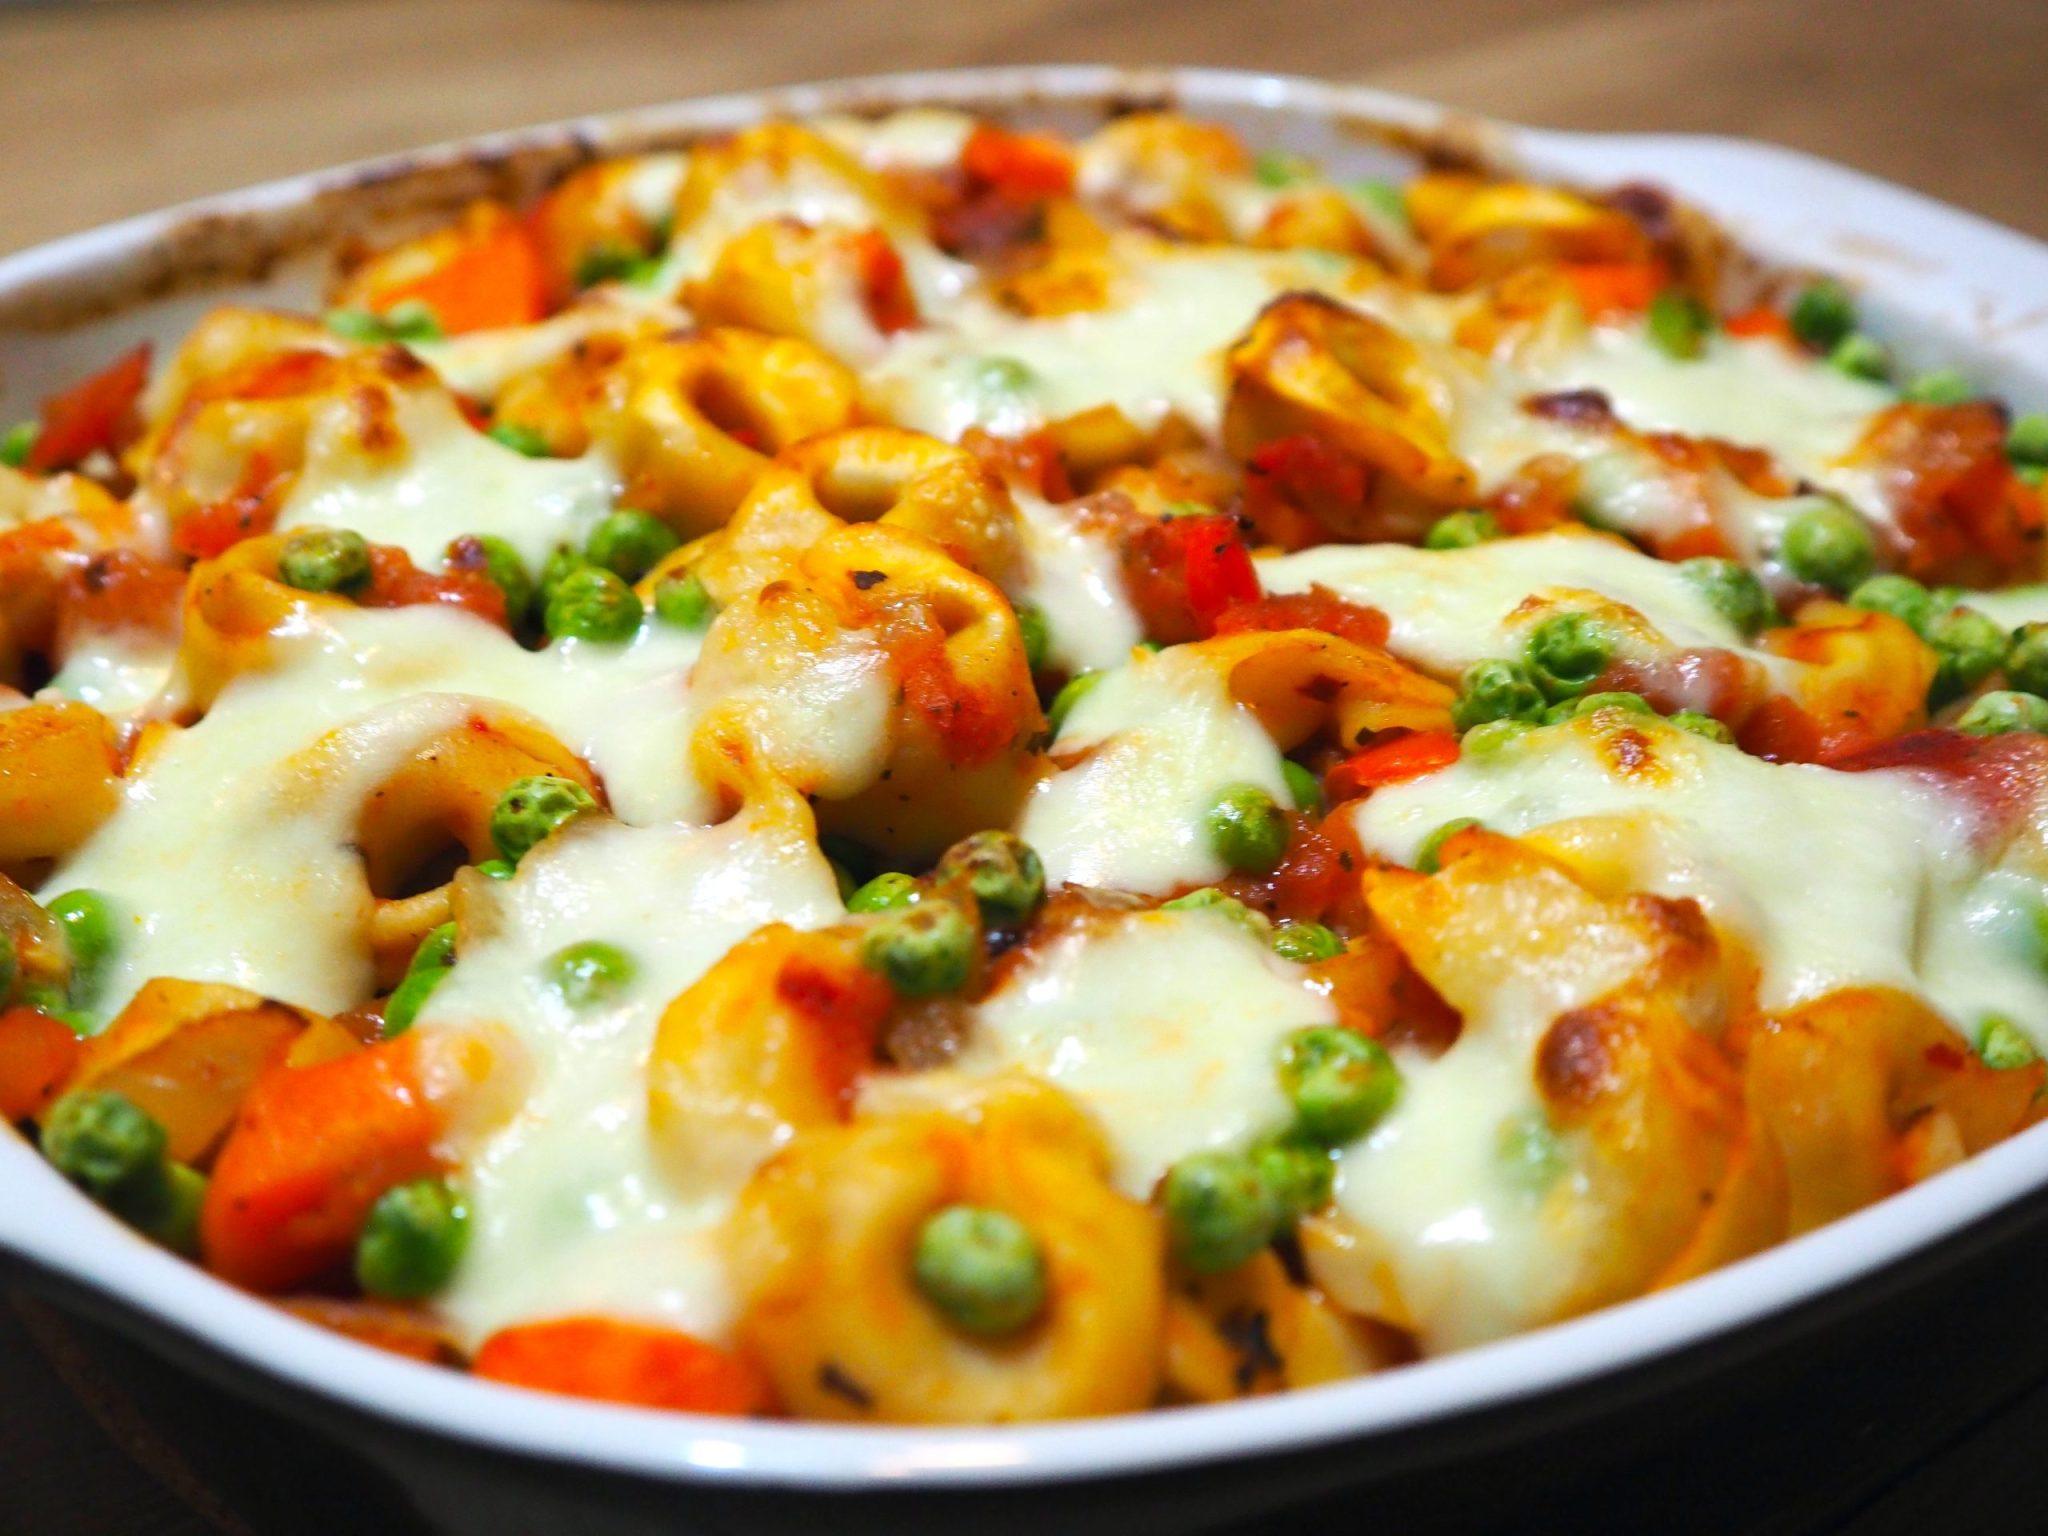 Tortellini ovenschotel met wortel en mozzarella